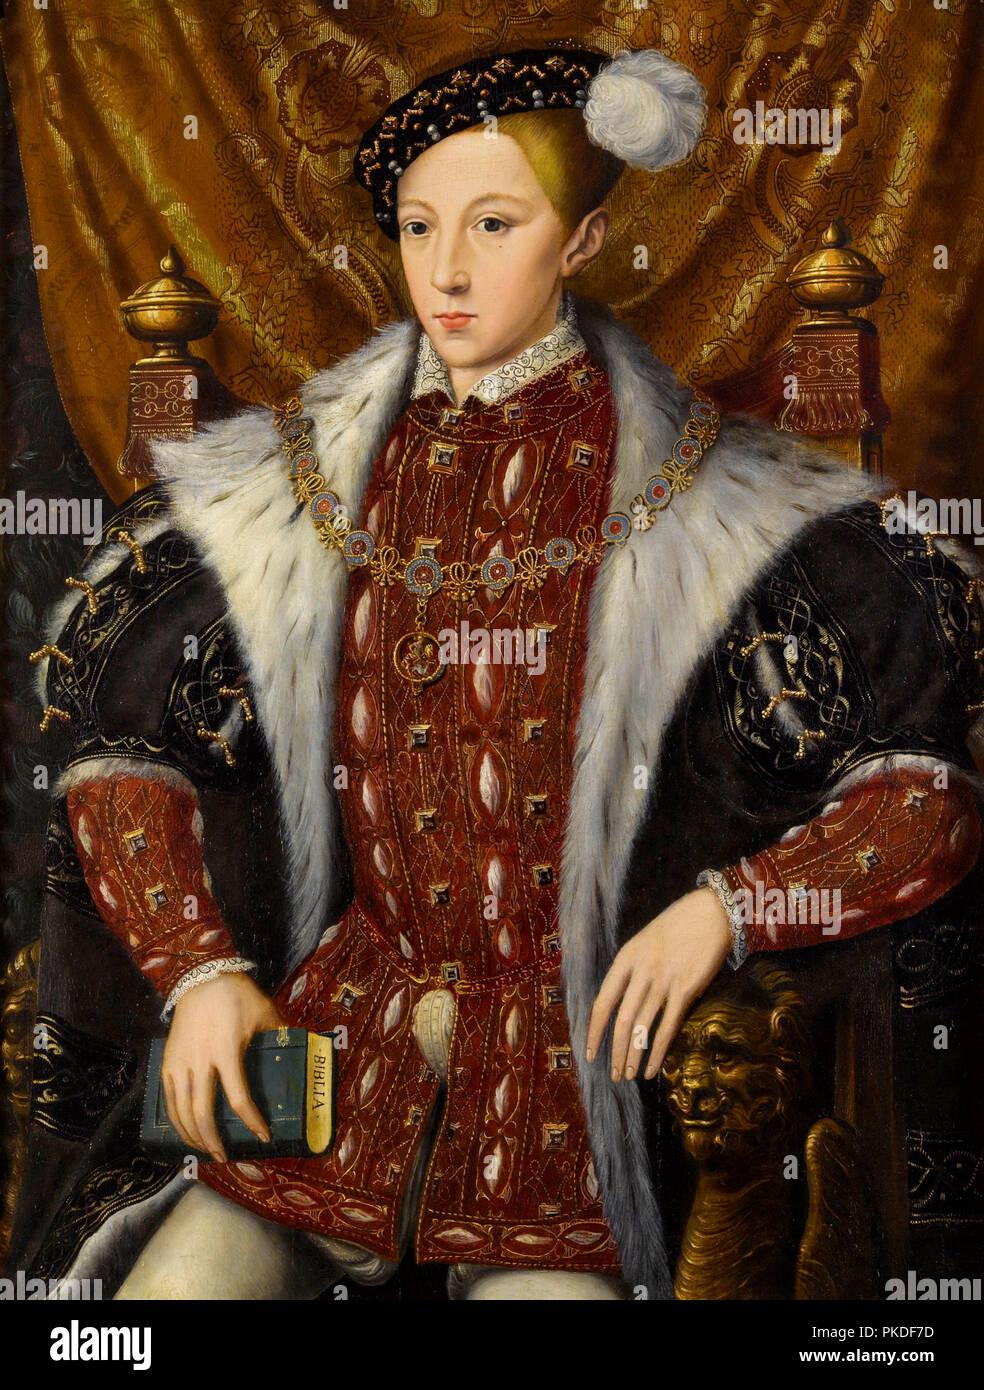 Edward VI (1537 – 1553) King of England and Ireland - Stock Image